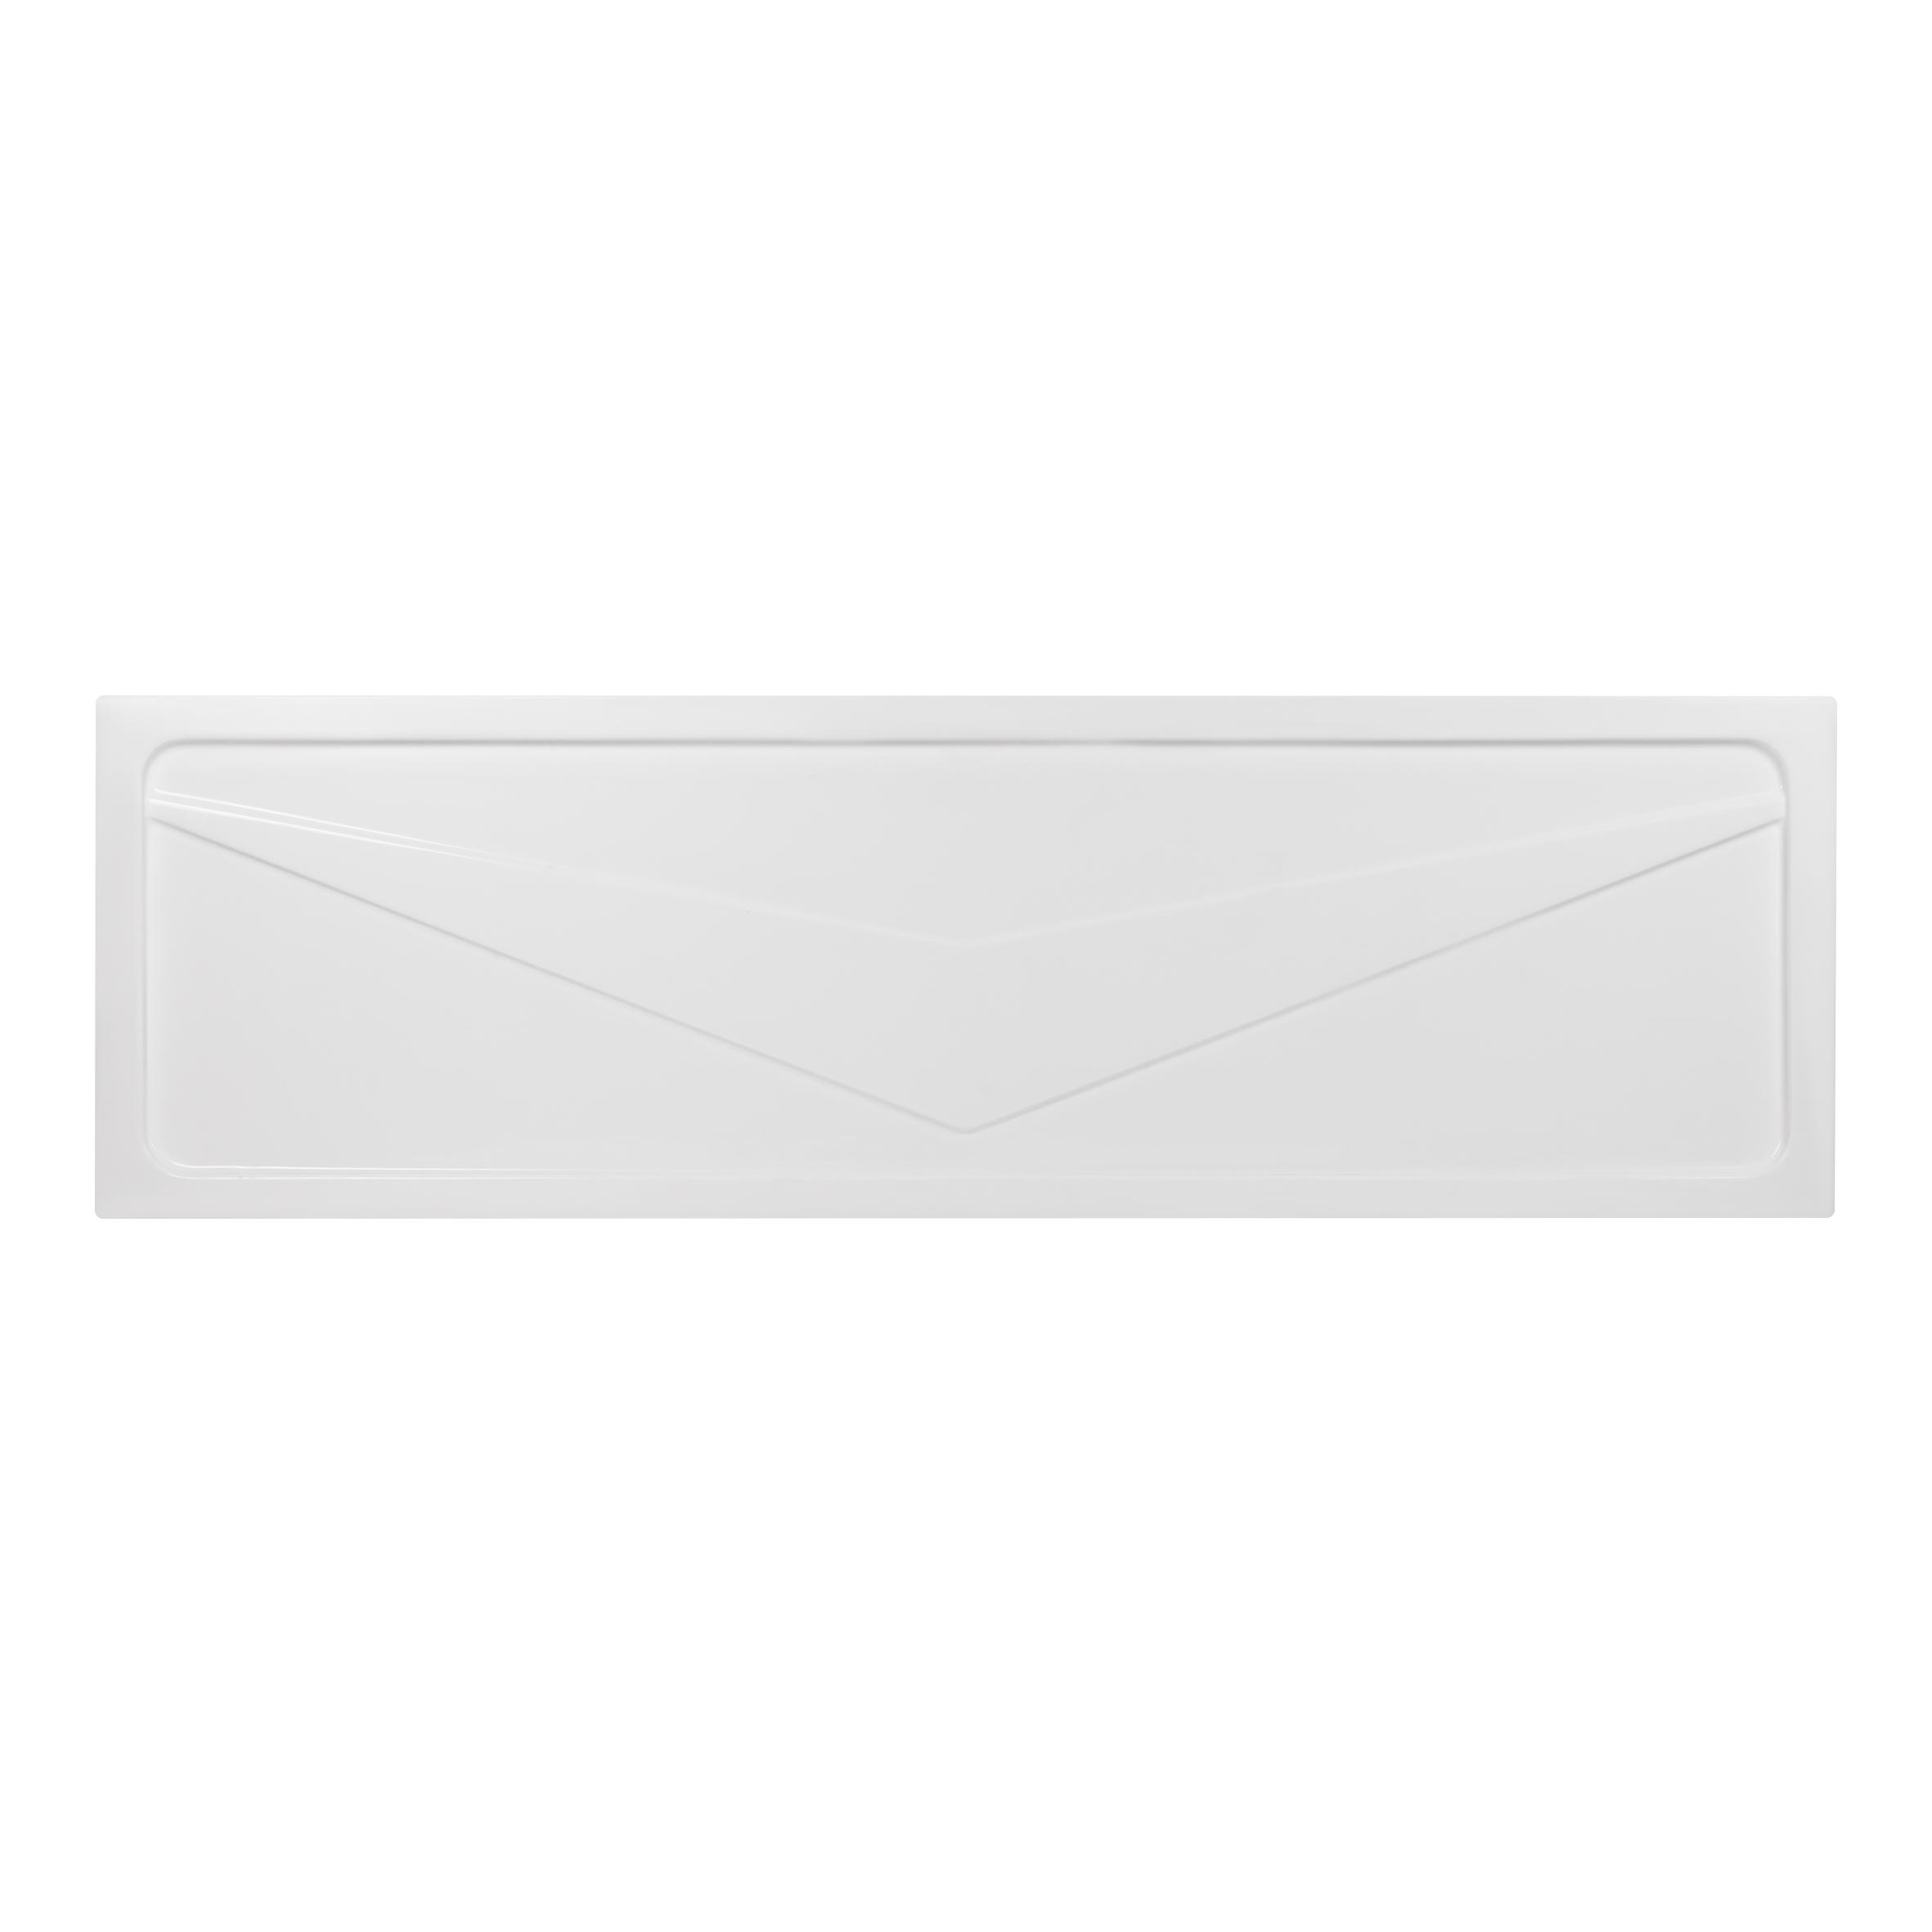 Панель для ванны фронтальная Lidz Panel R 150